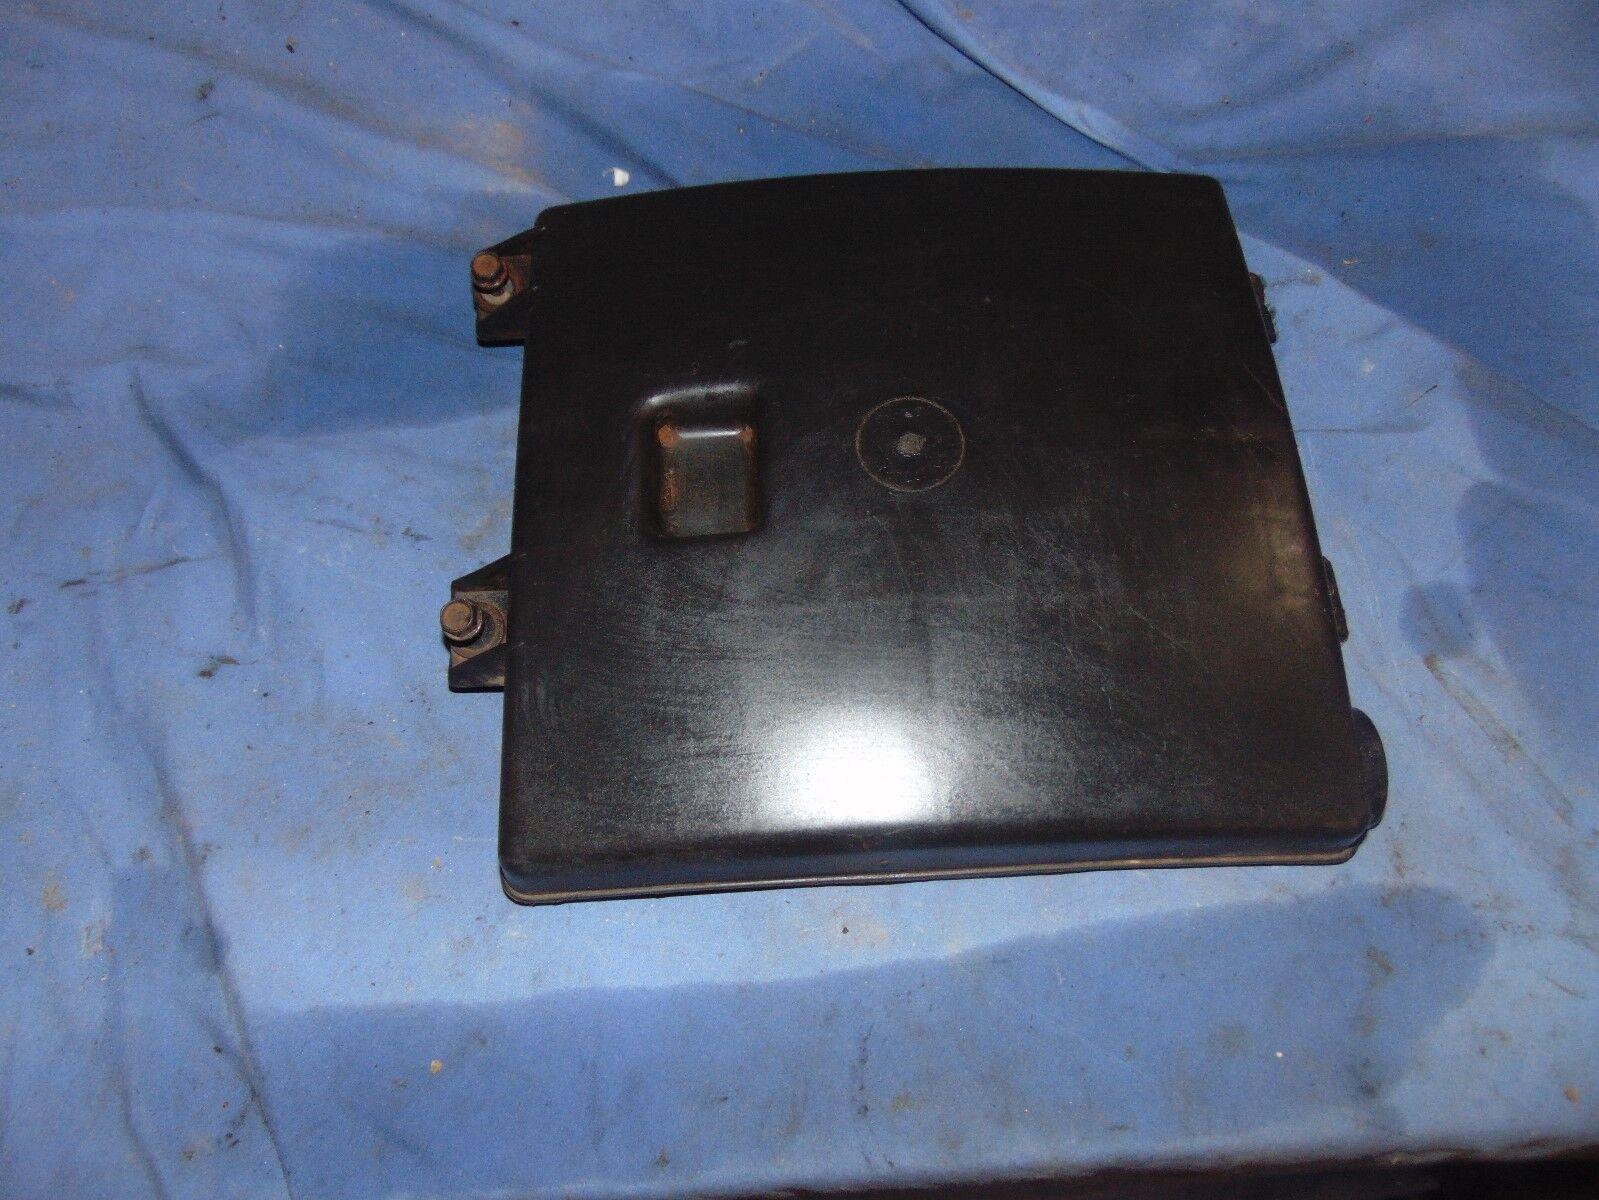 2004-2005 buick rendezvous engine computer ecm pcm ecu tray box cover lid  2004-2005